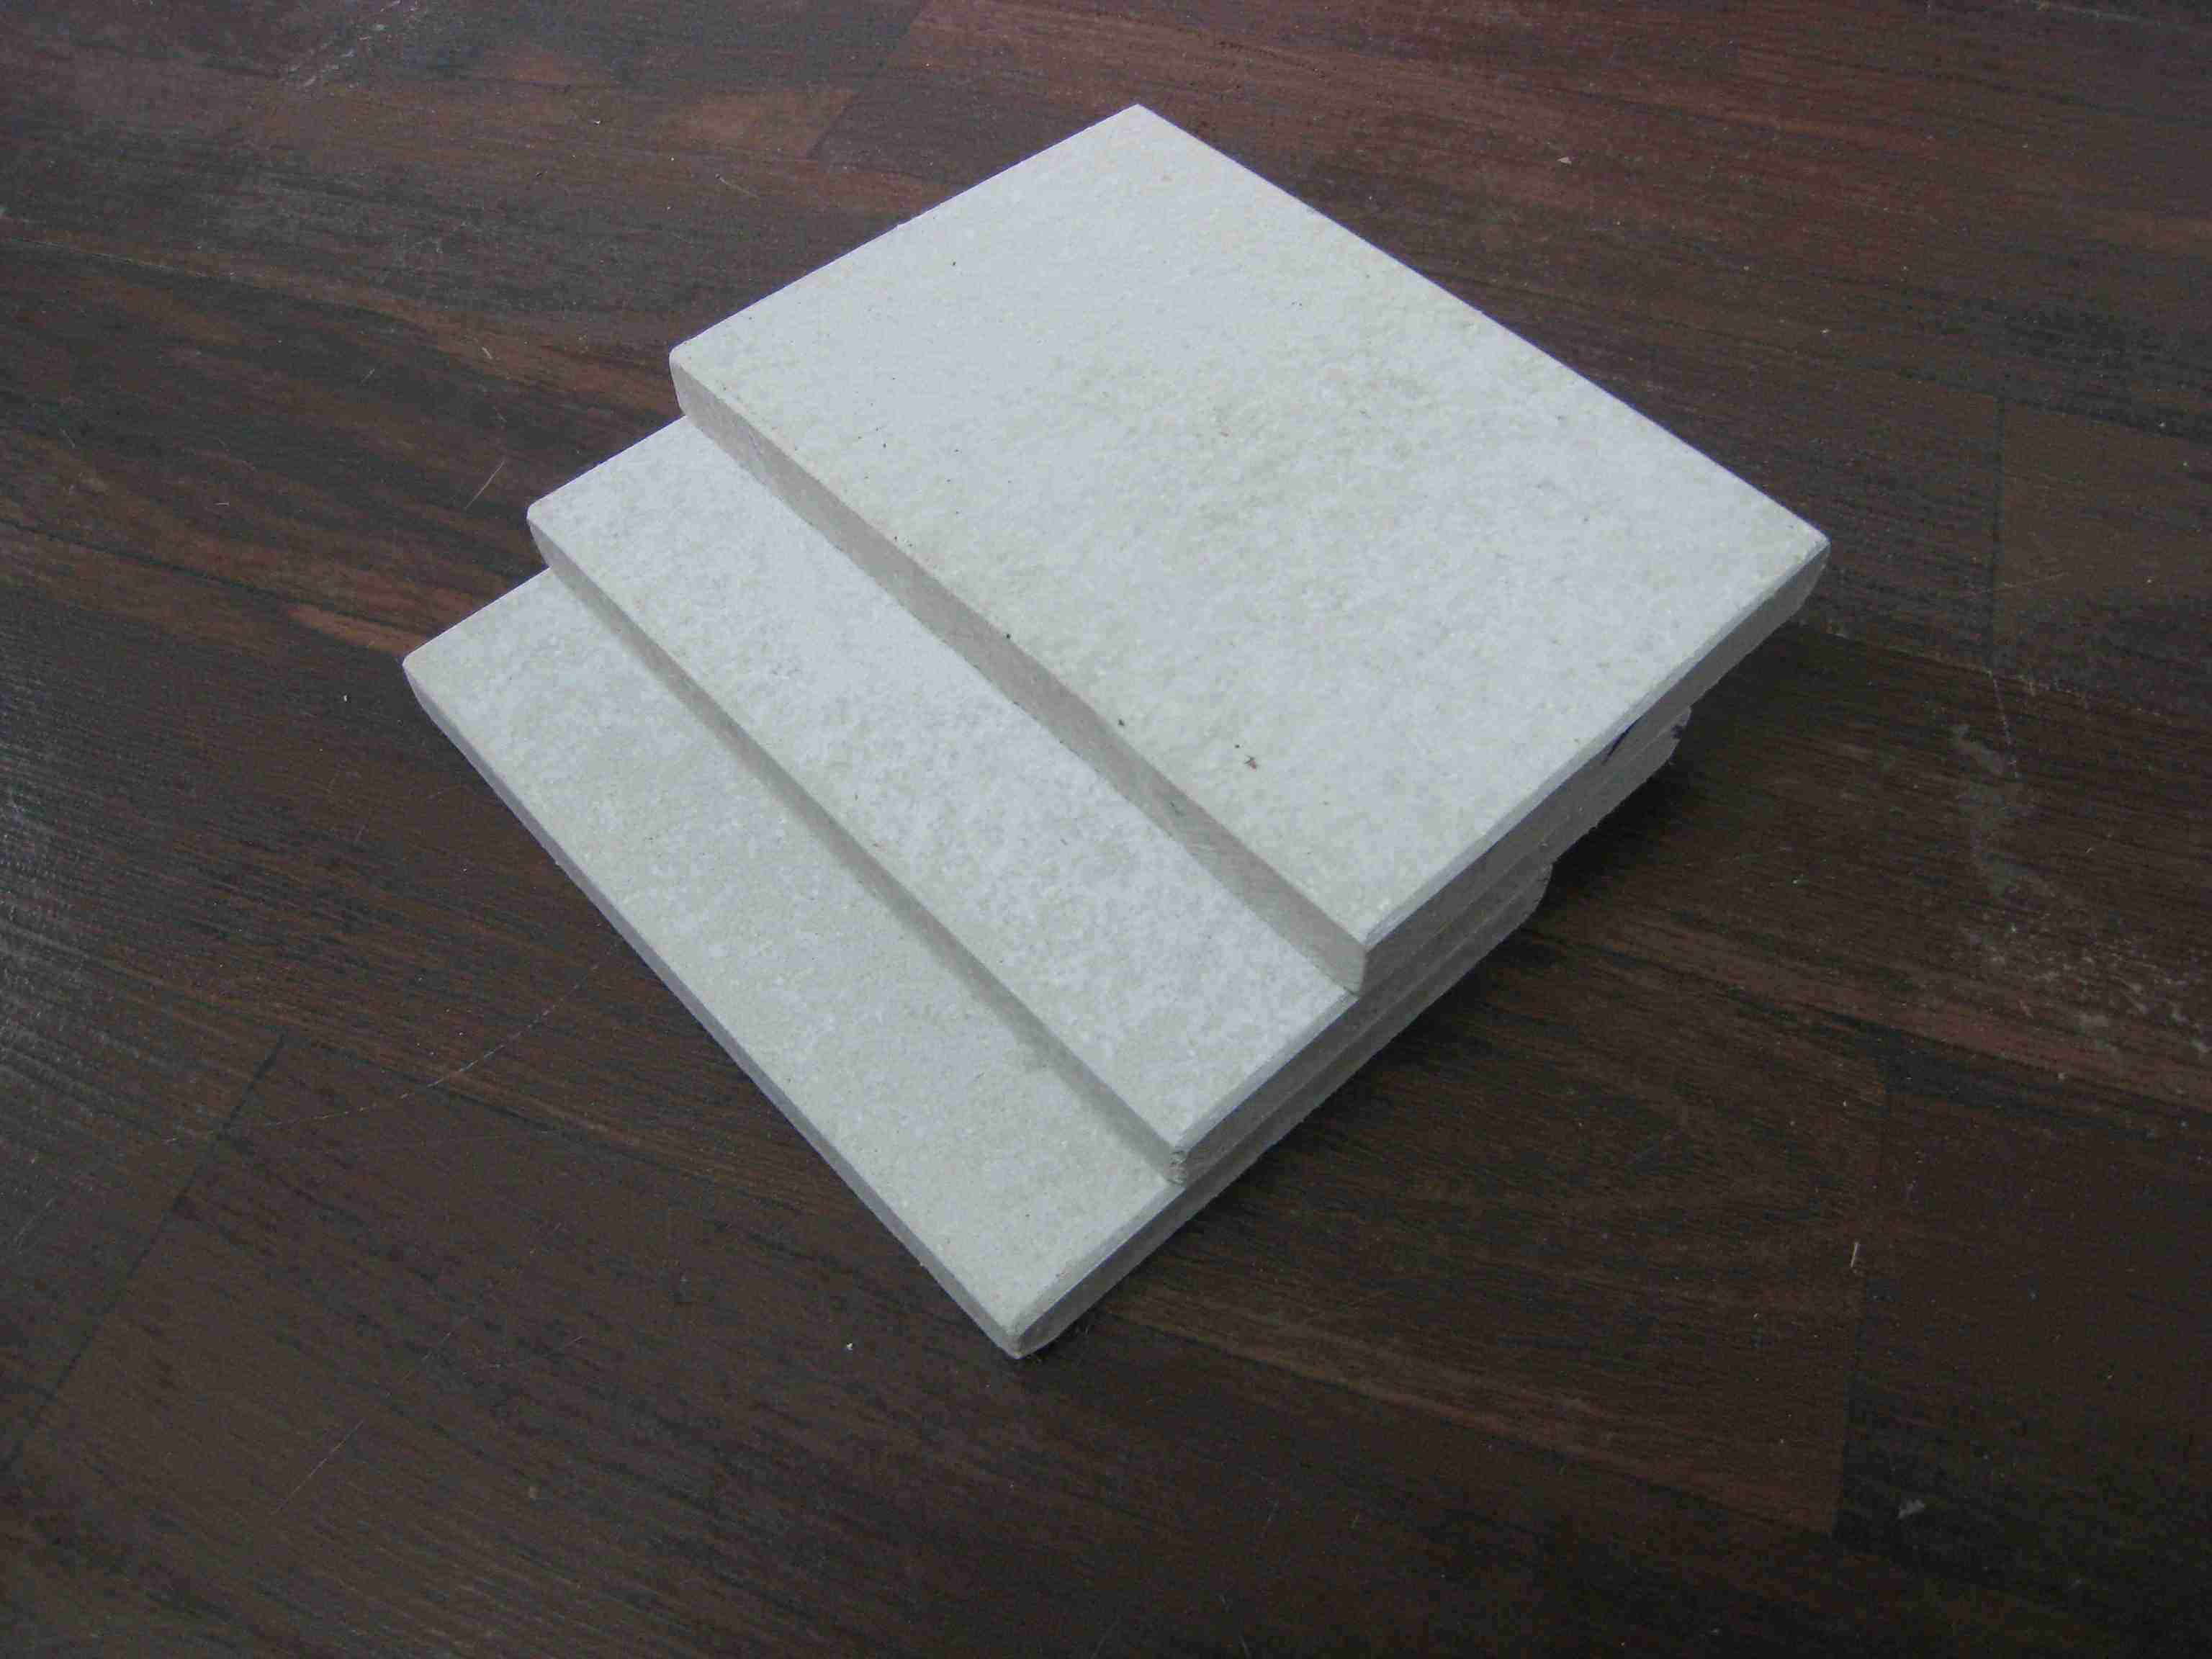 硅酸盐板-河北廊坊百赢快三平台有限公司